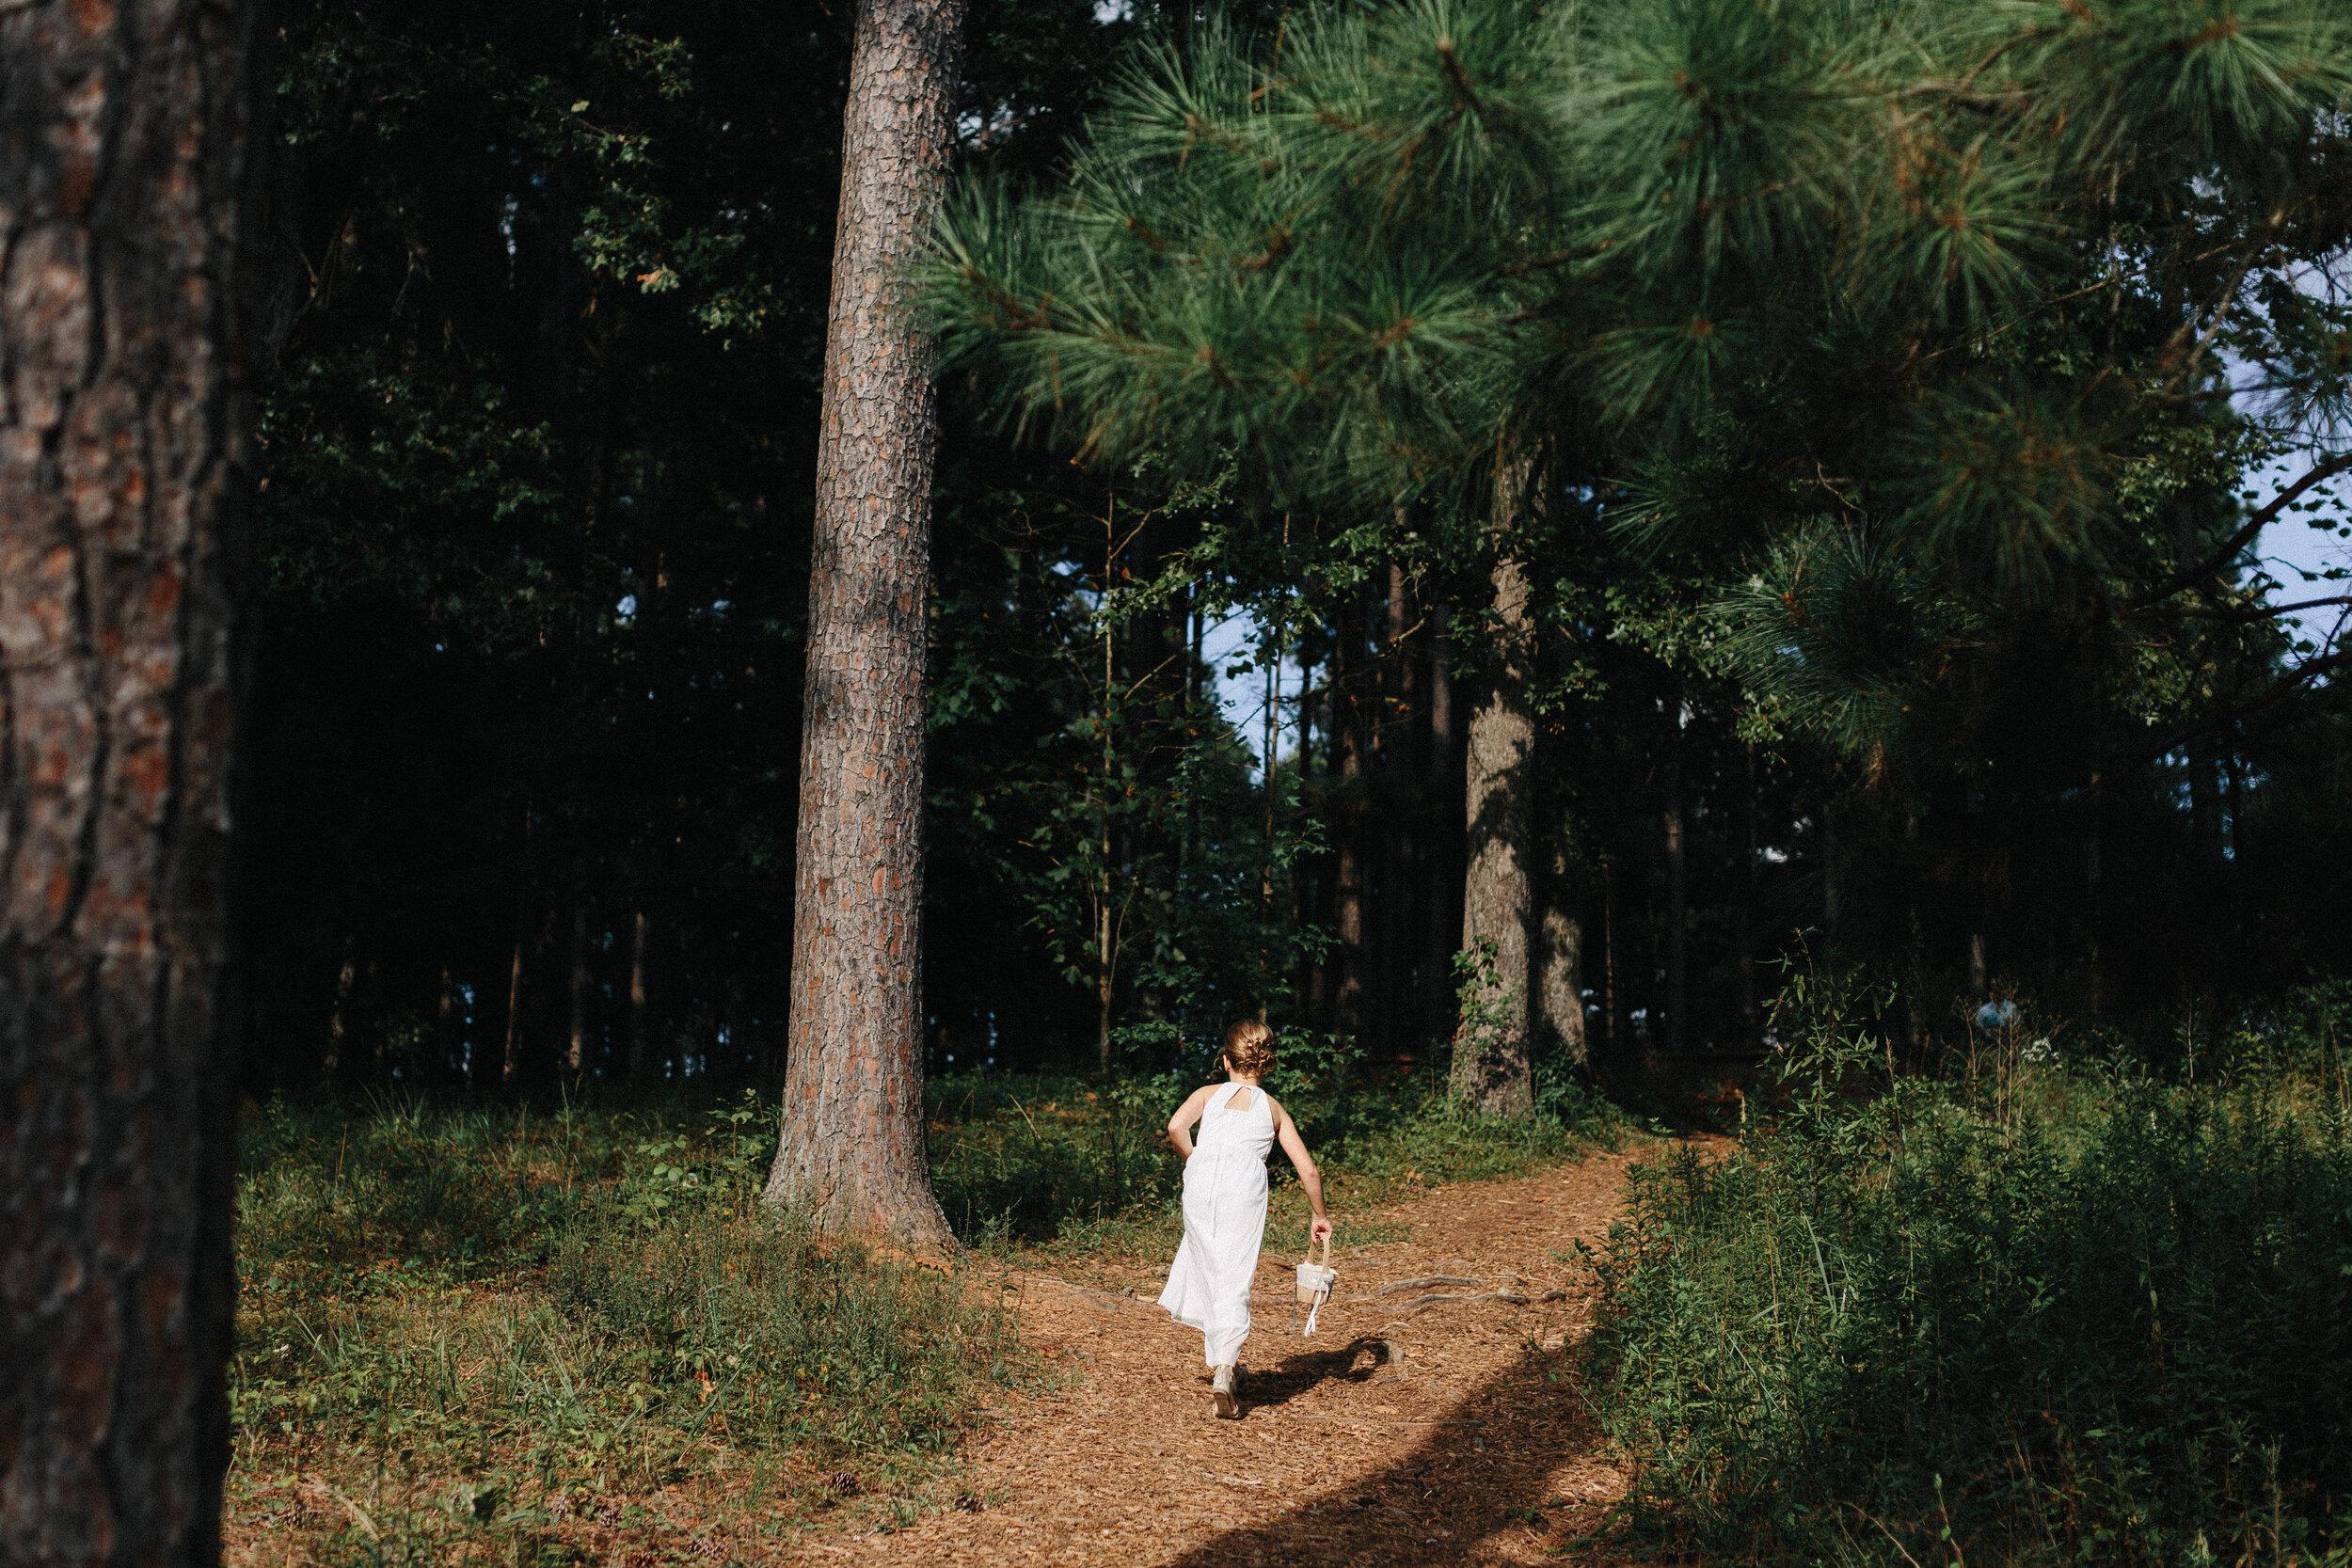 serenbe_forest_summer_wedding_farmhouse_guest_house_garden_2000.jpg